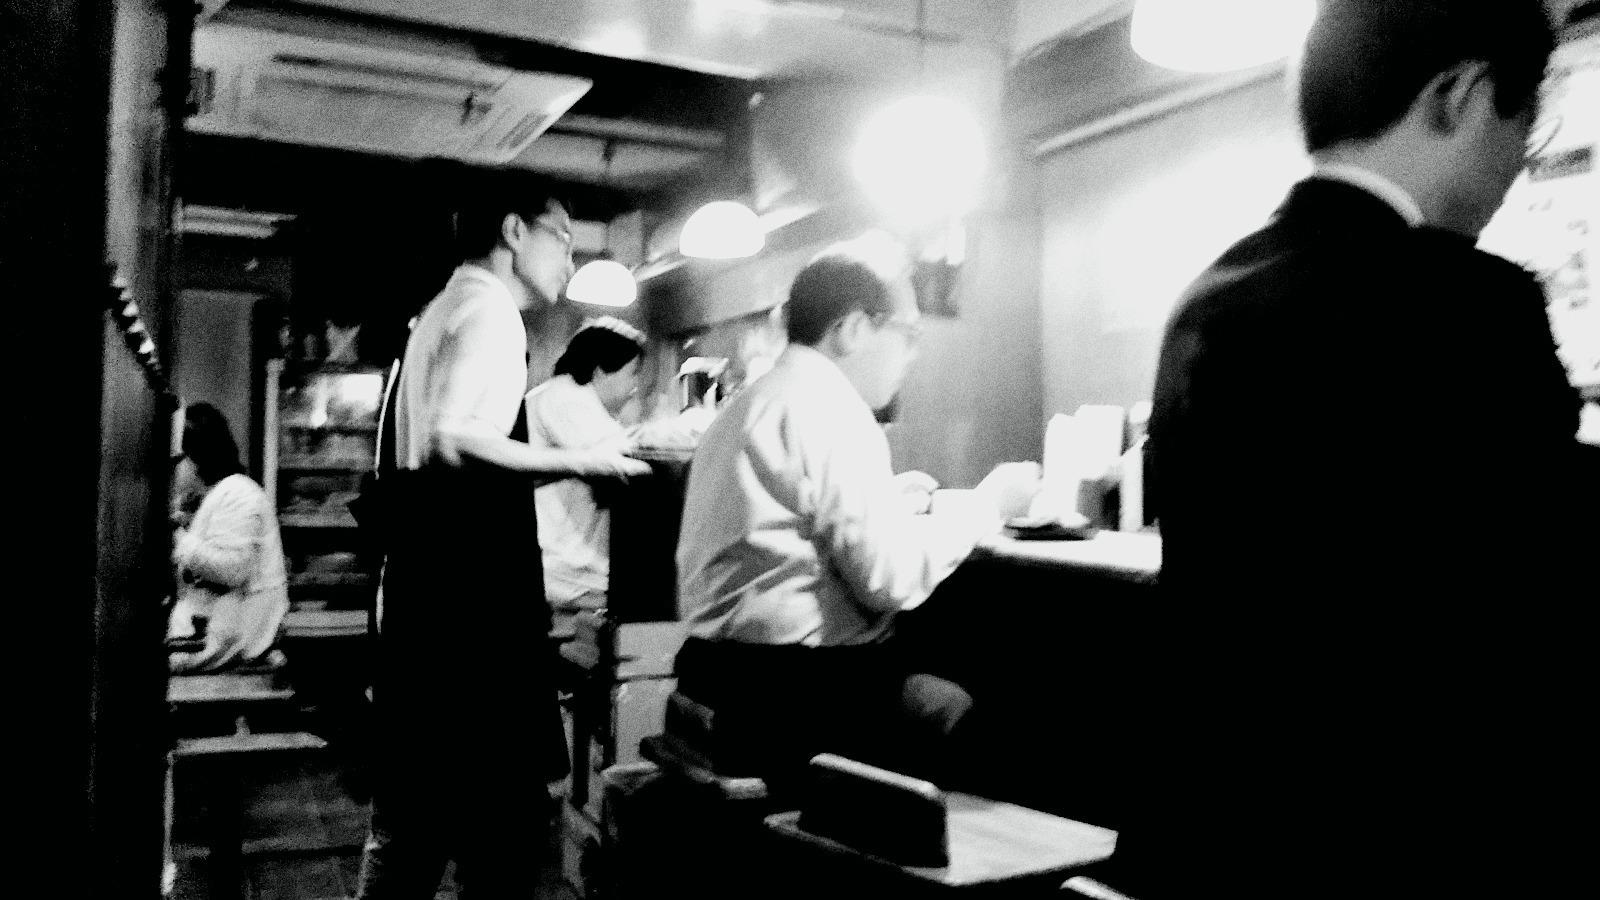 【やっぱり】カロリー焼 ~キッチン カロリー_b0008655_23595893.jpg